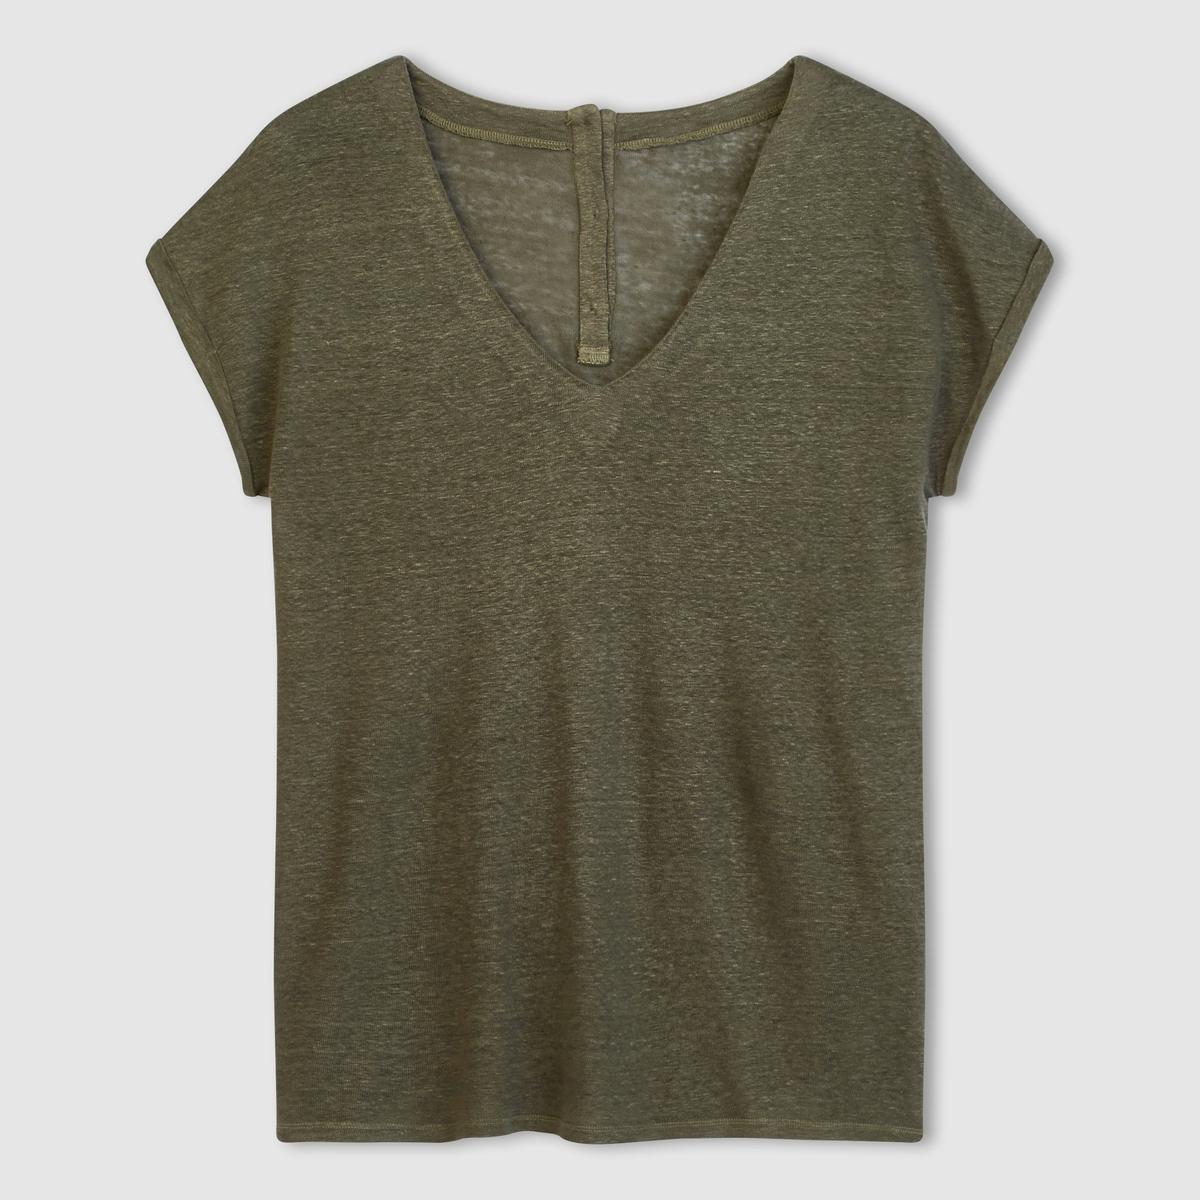 T-shirt em linho, decote em V